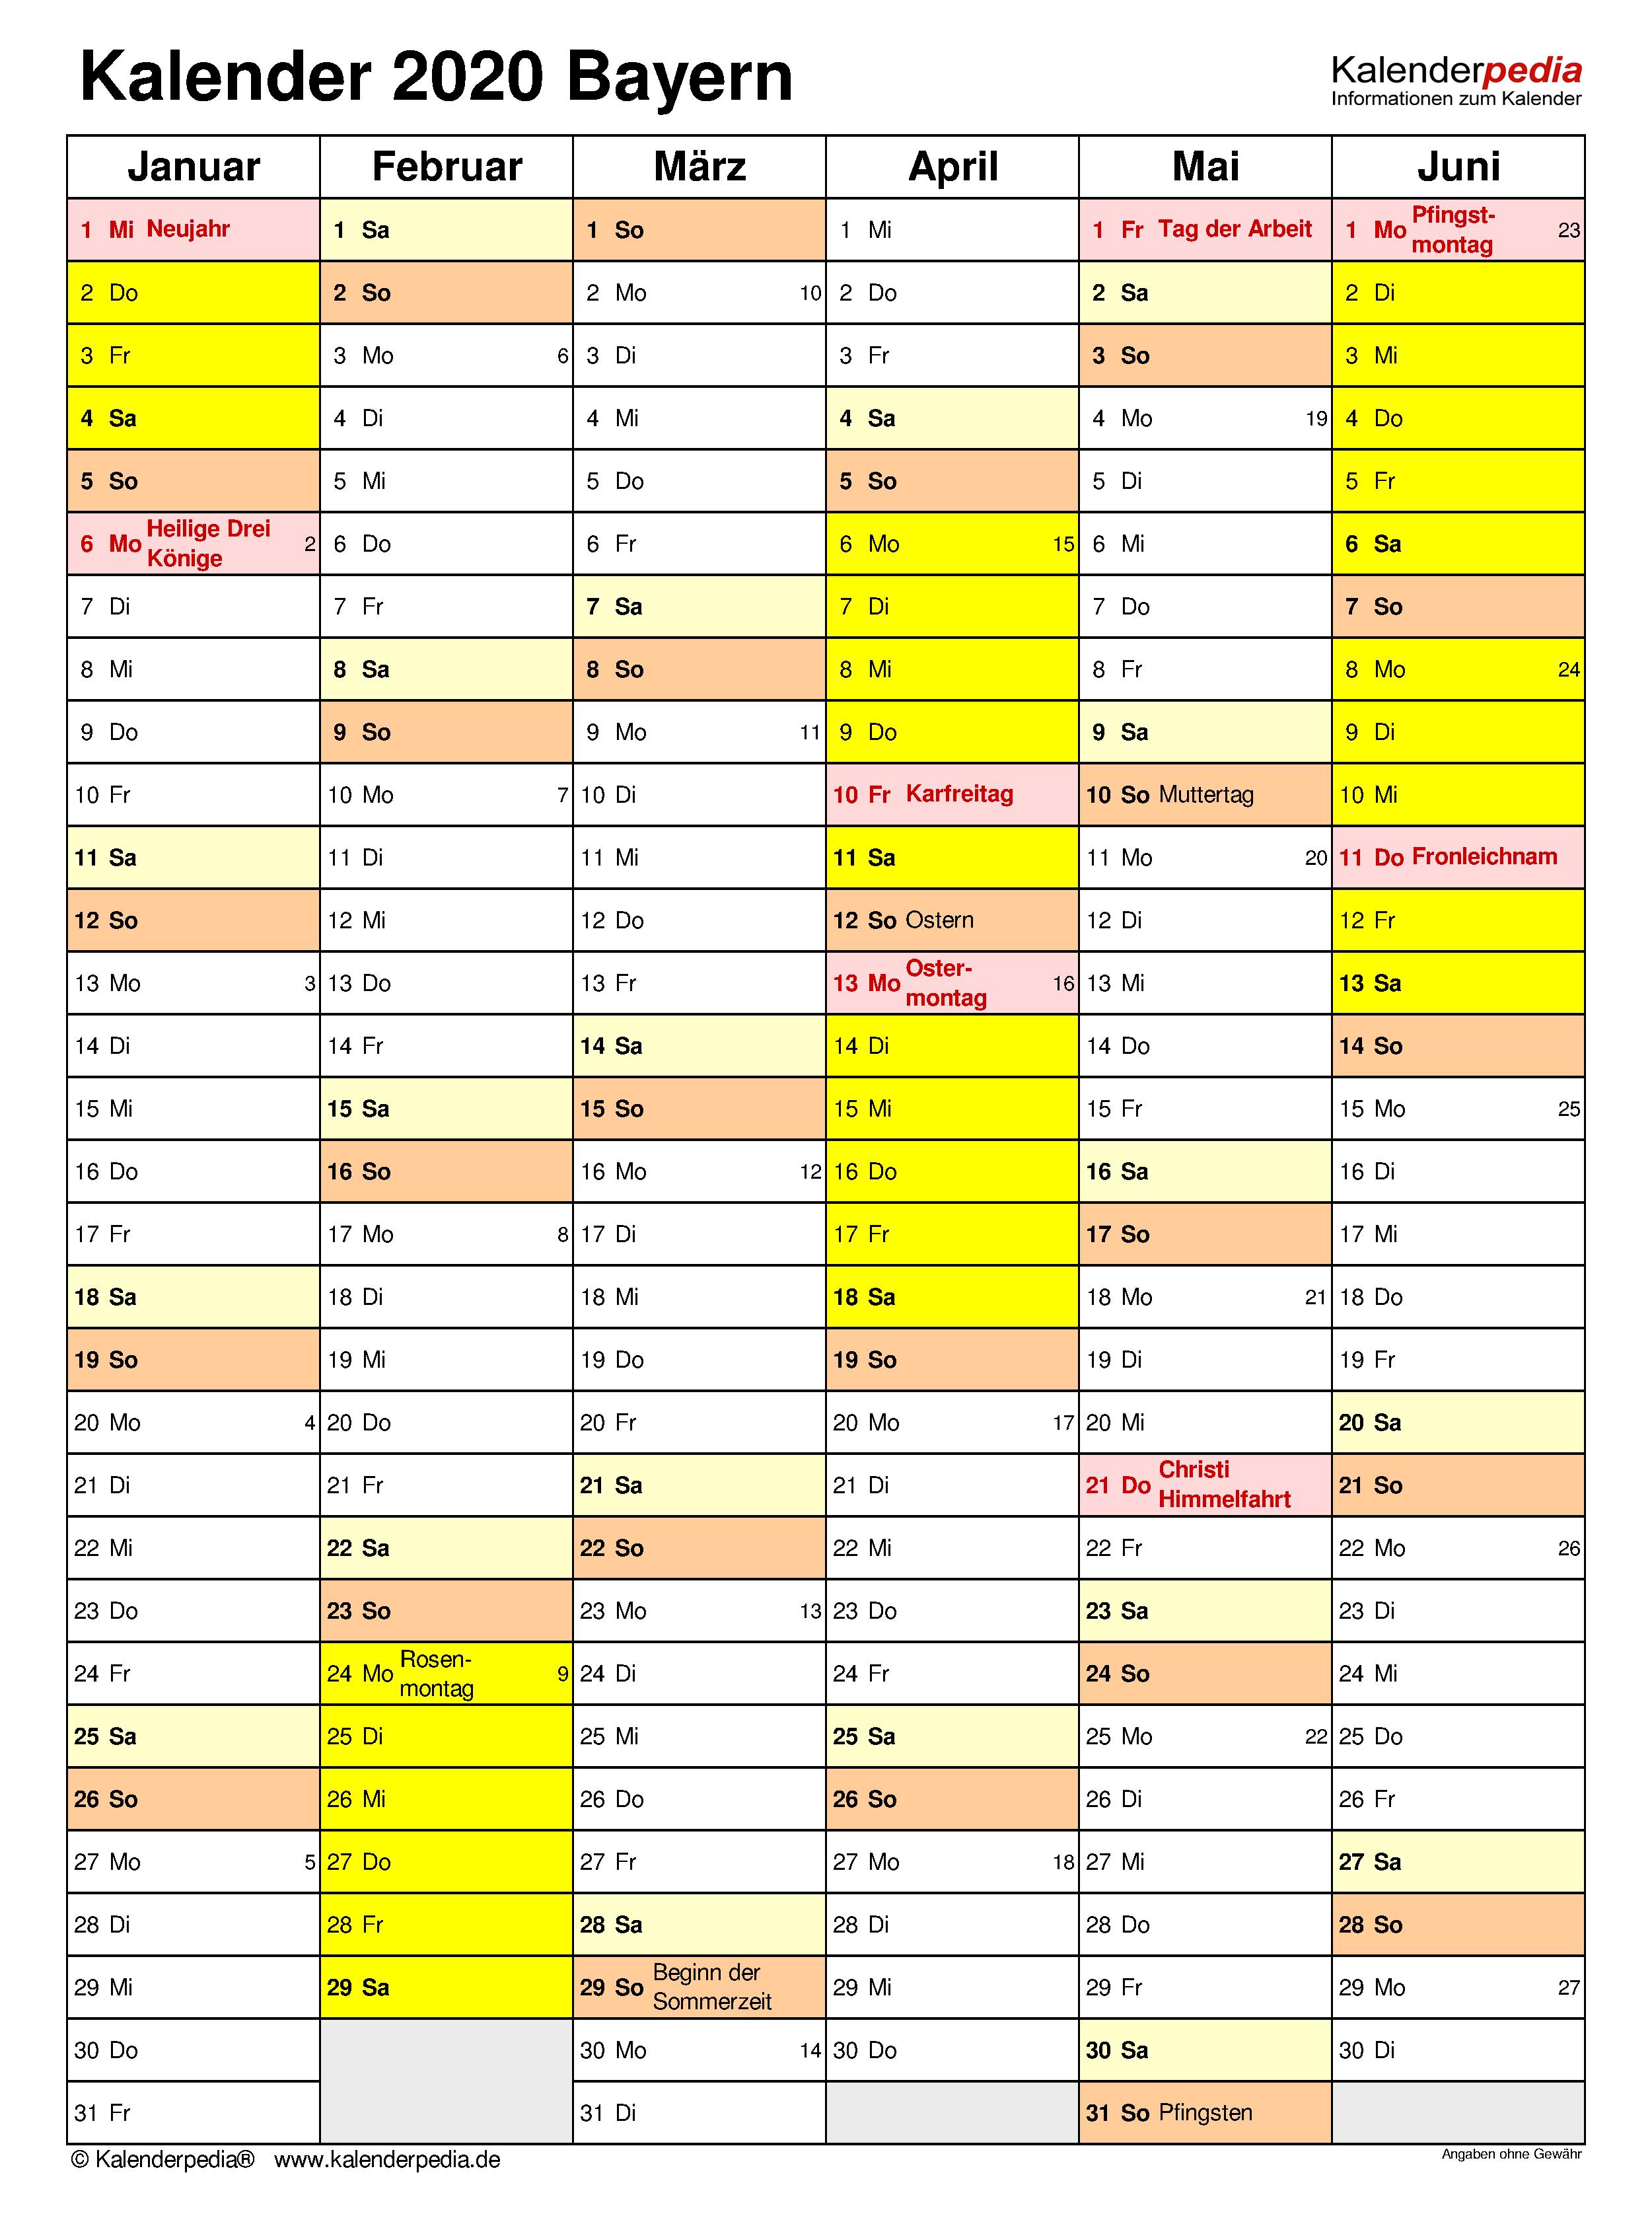 kalender 2020 bayern zum ausdrucken